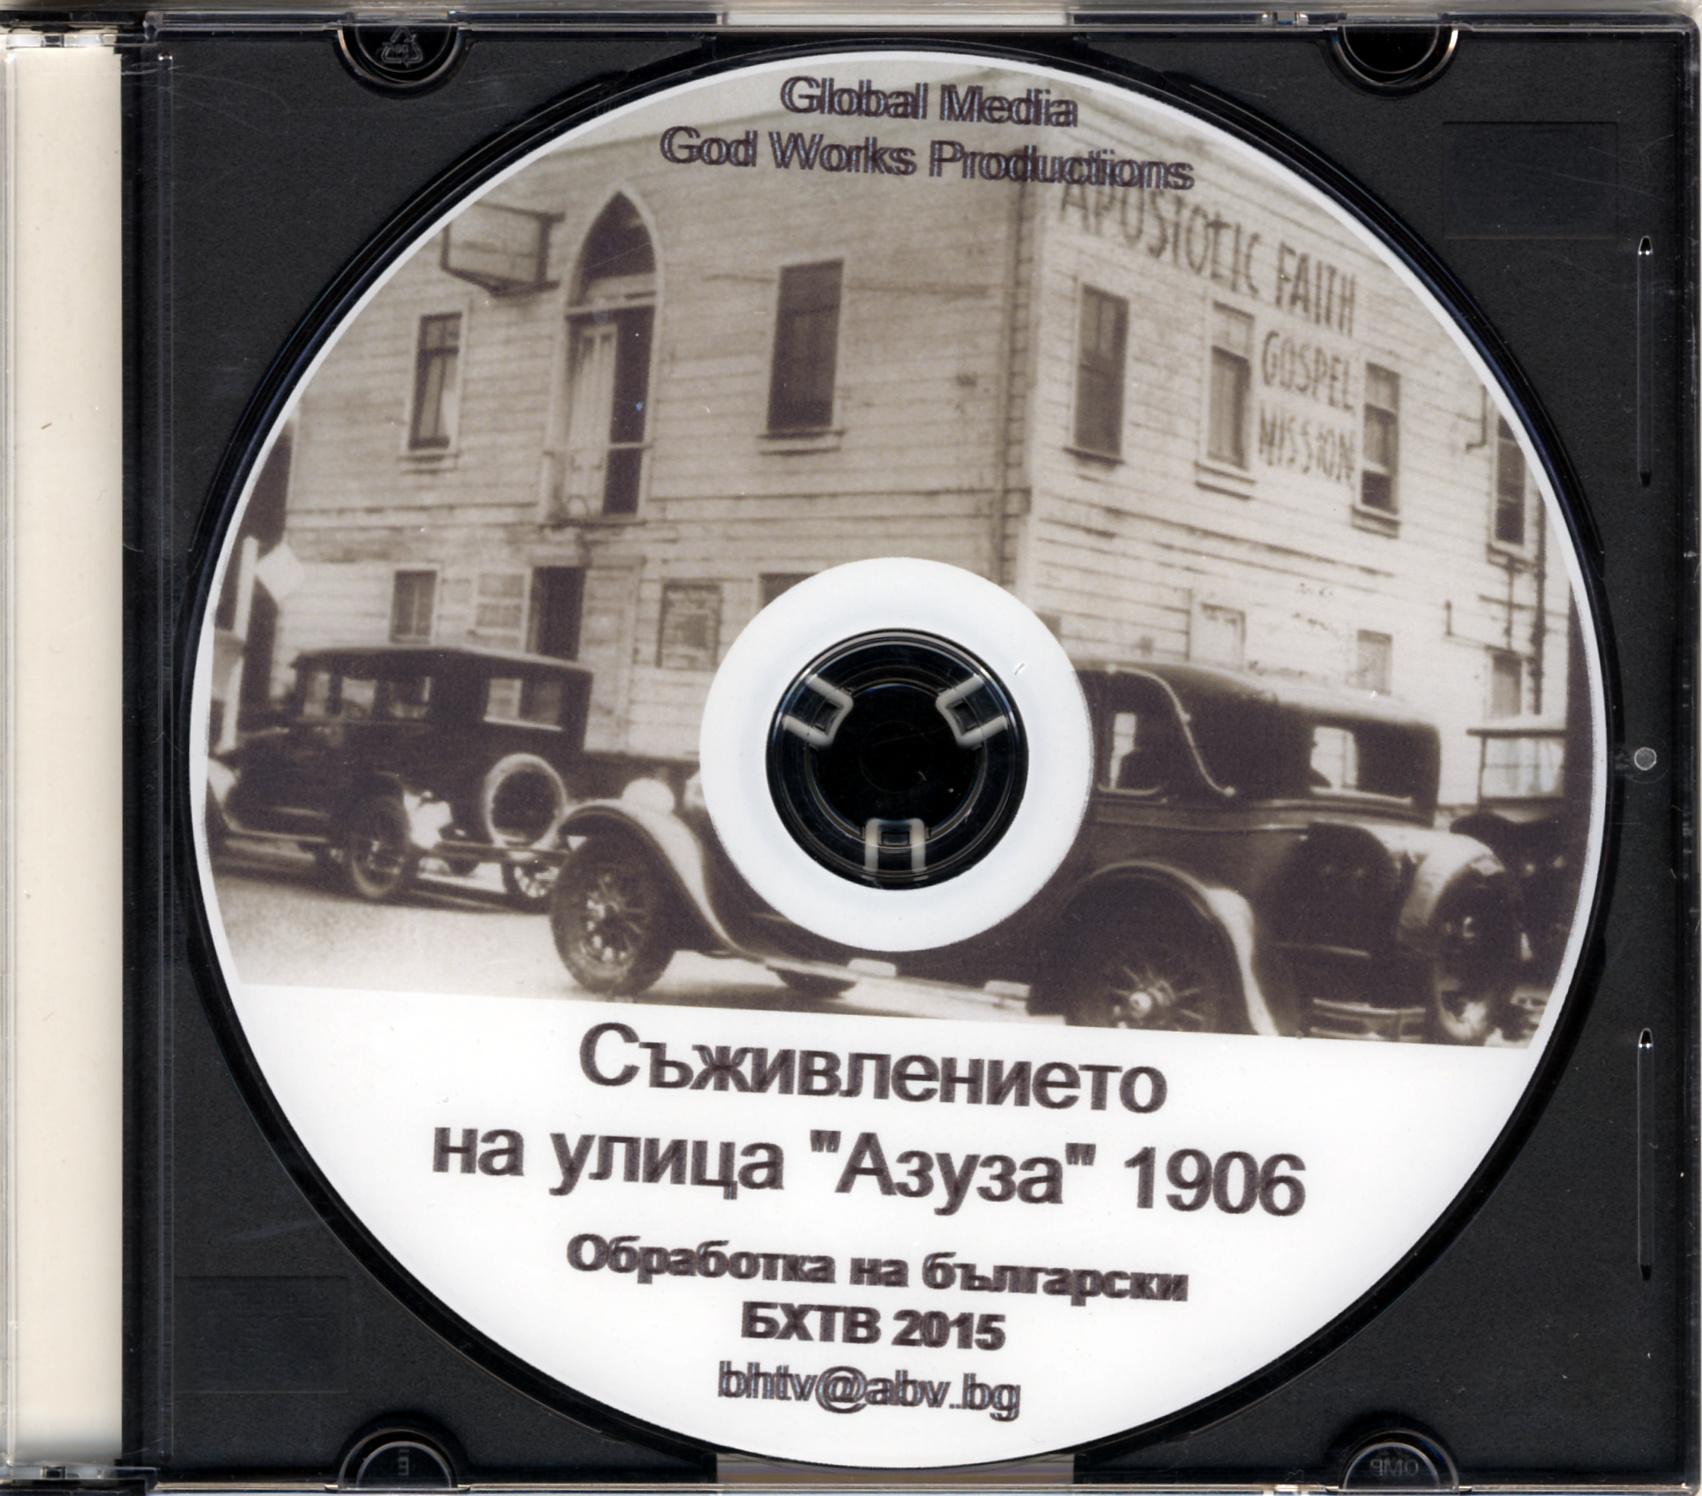 """Съживлението на улица """"Азуза"""" 1906"""